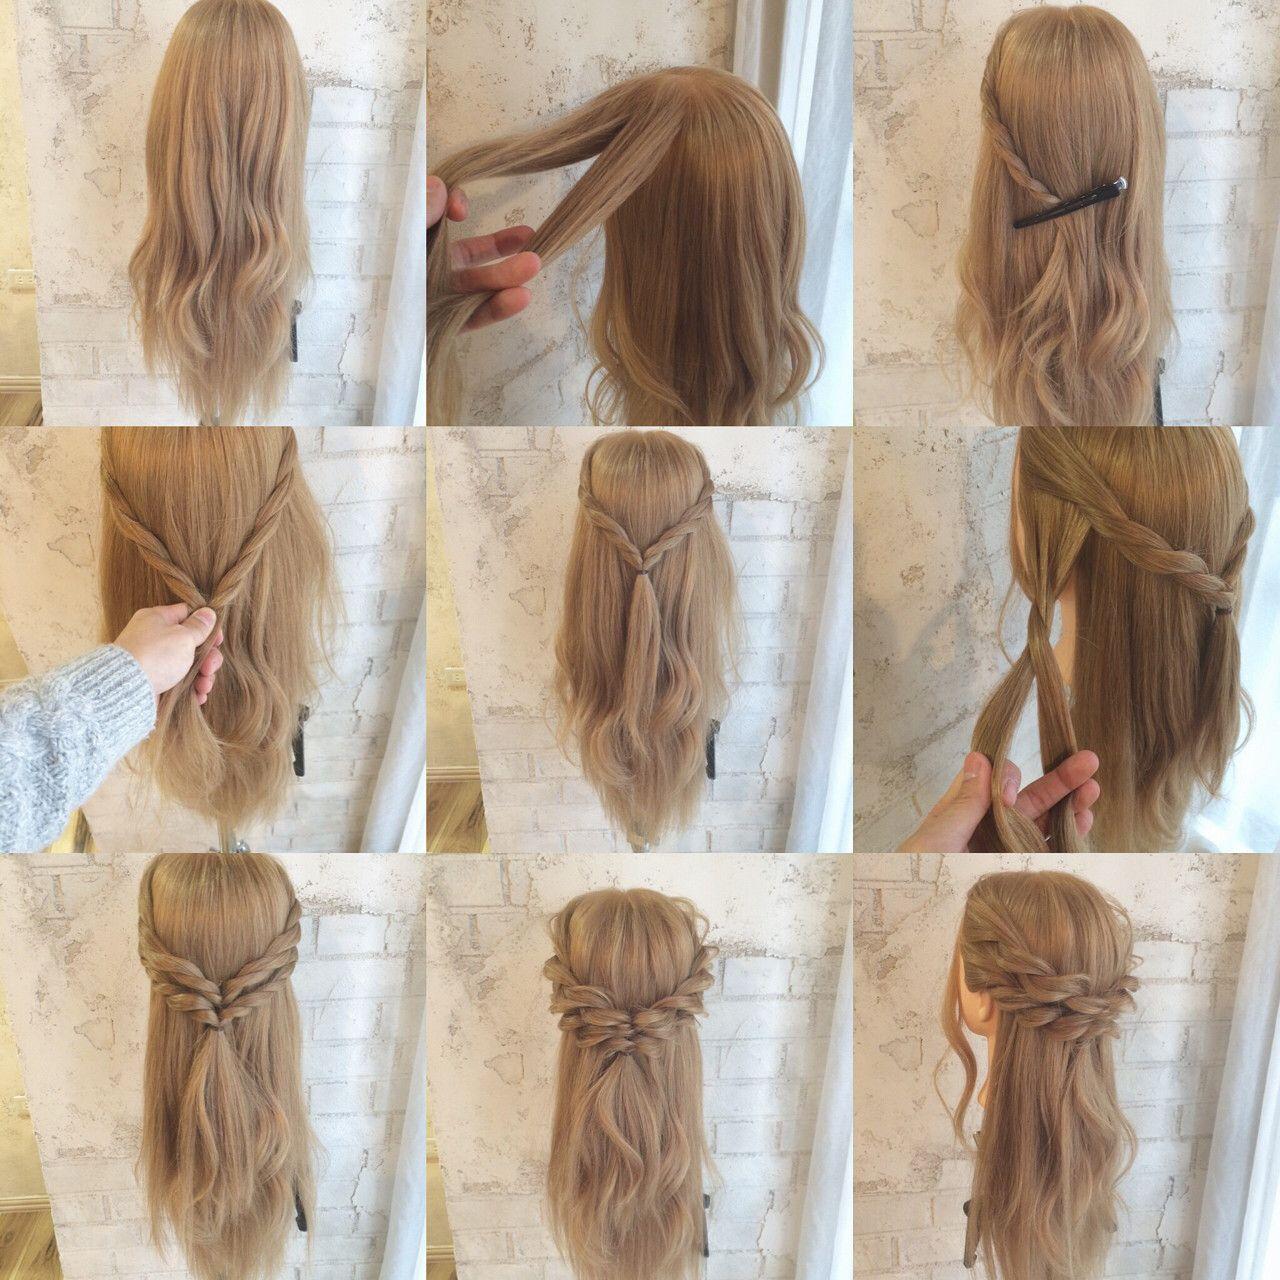 初級から上級アレンジまで セミロングの時短ヘアアレンジ10選 Hair